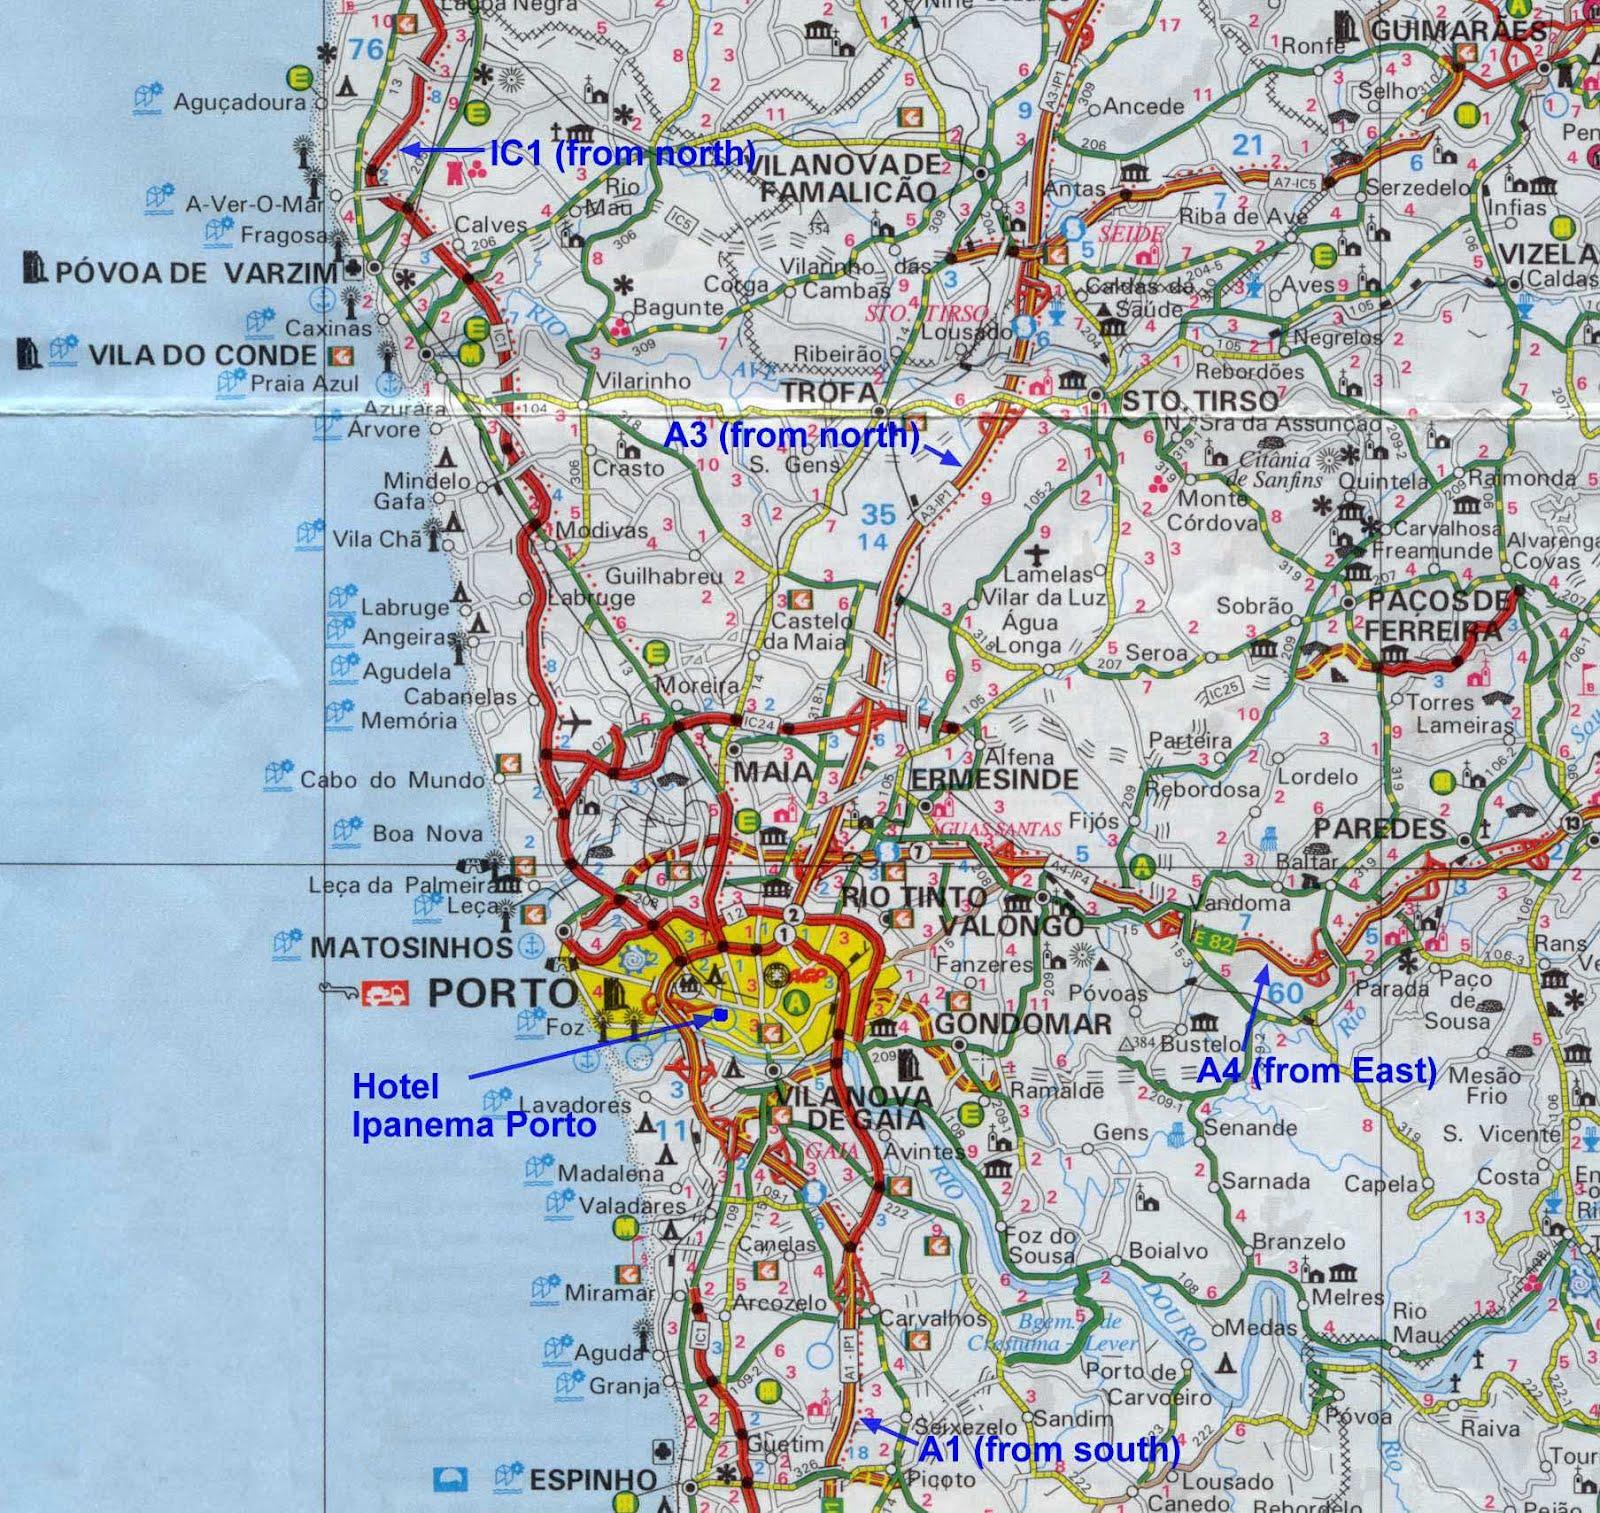 mapa porto portugal Mapas de Porto   Portugal | MapasBlog mapa porto portugal